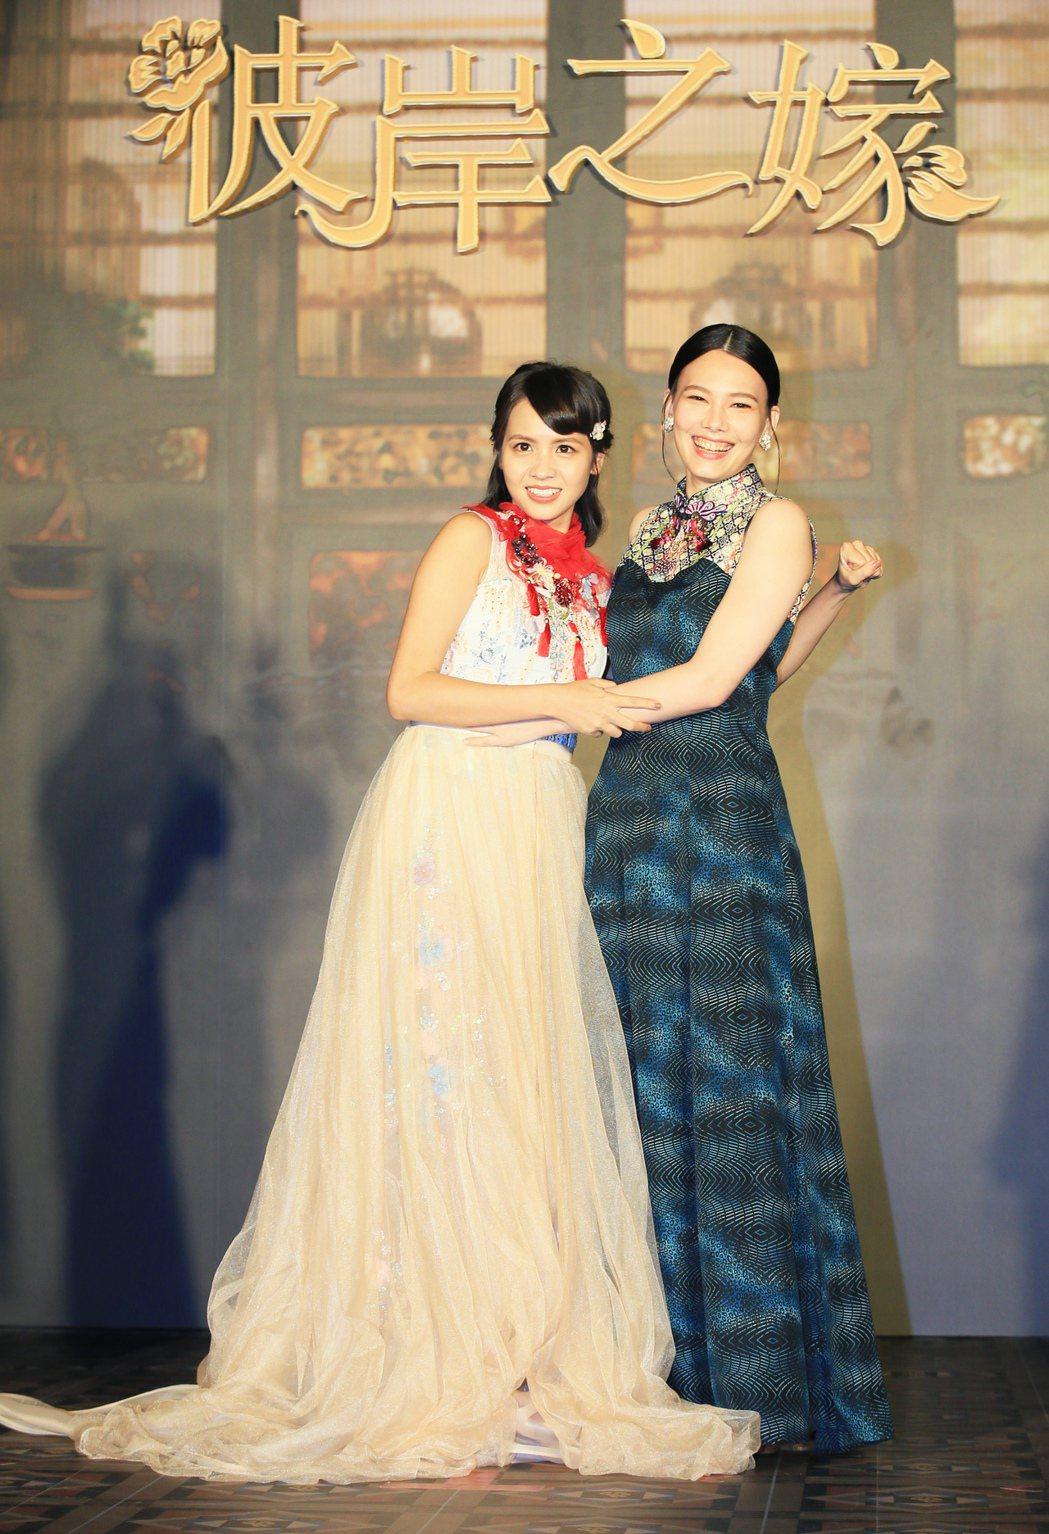 華語原創影集「彼岸之嫁」主要演員黃姵嘉(中)與紀培慧。記者潘俊宏/攝影